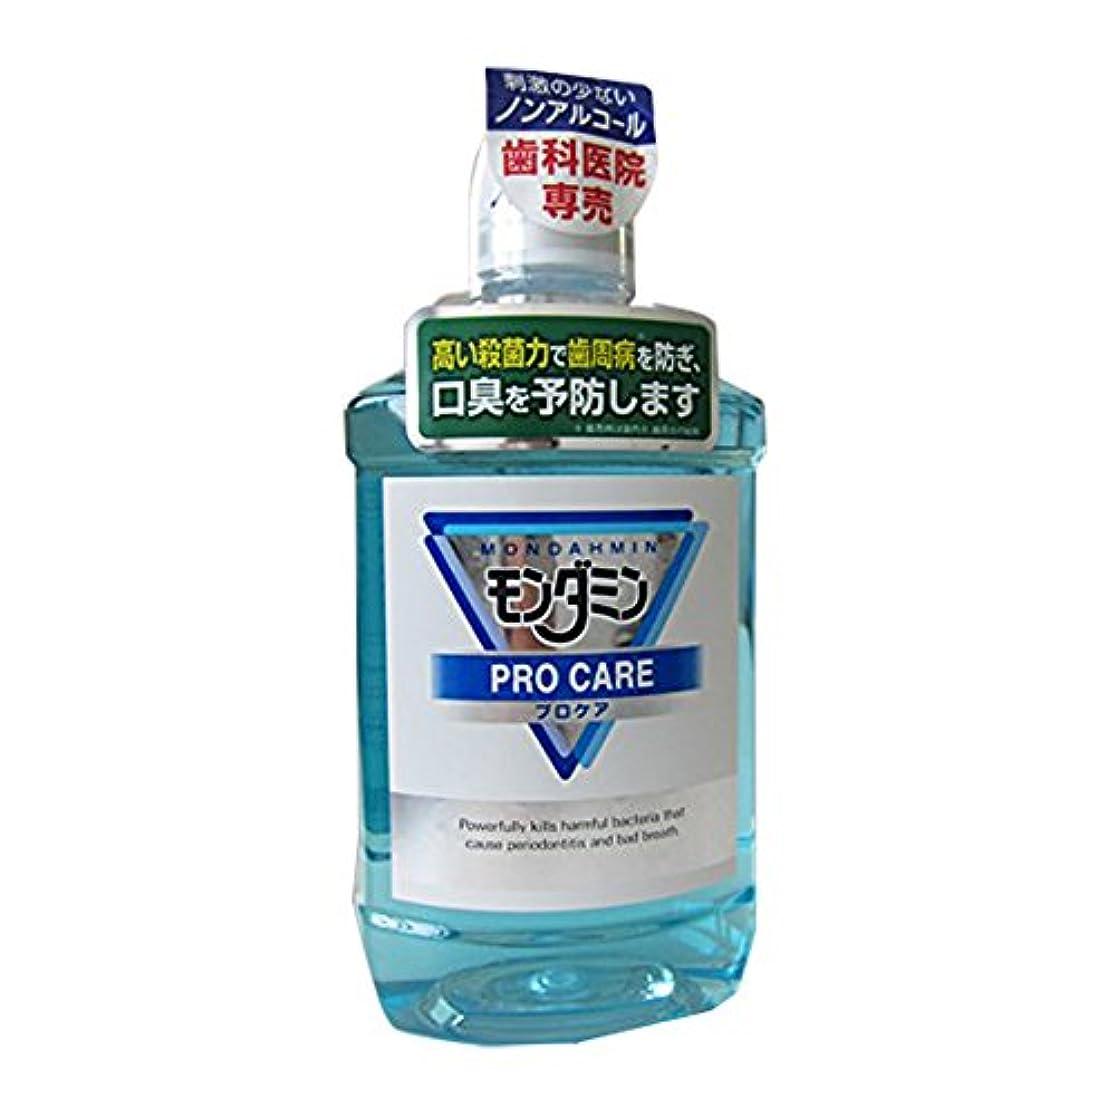 クラッシュダース驚いたモンダミン モンダミン プロケア 1000ml ボトル 液体歯磨き単品